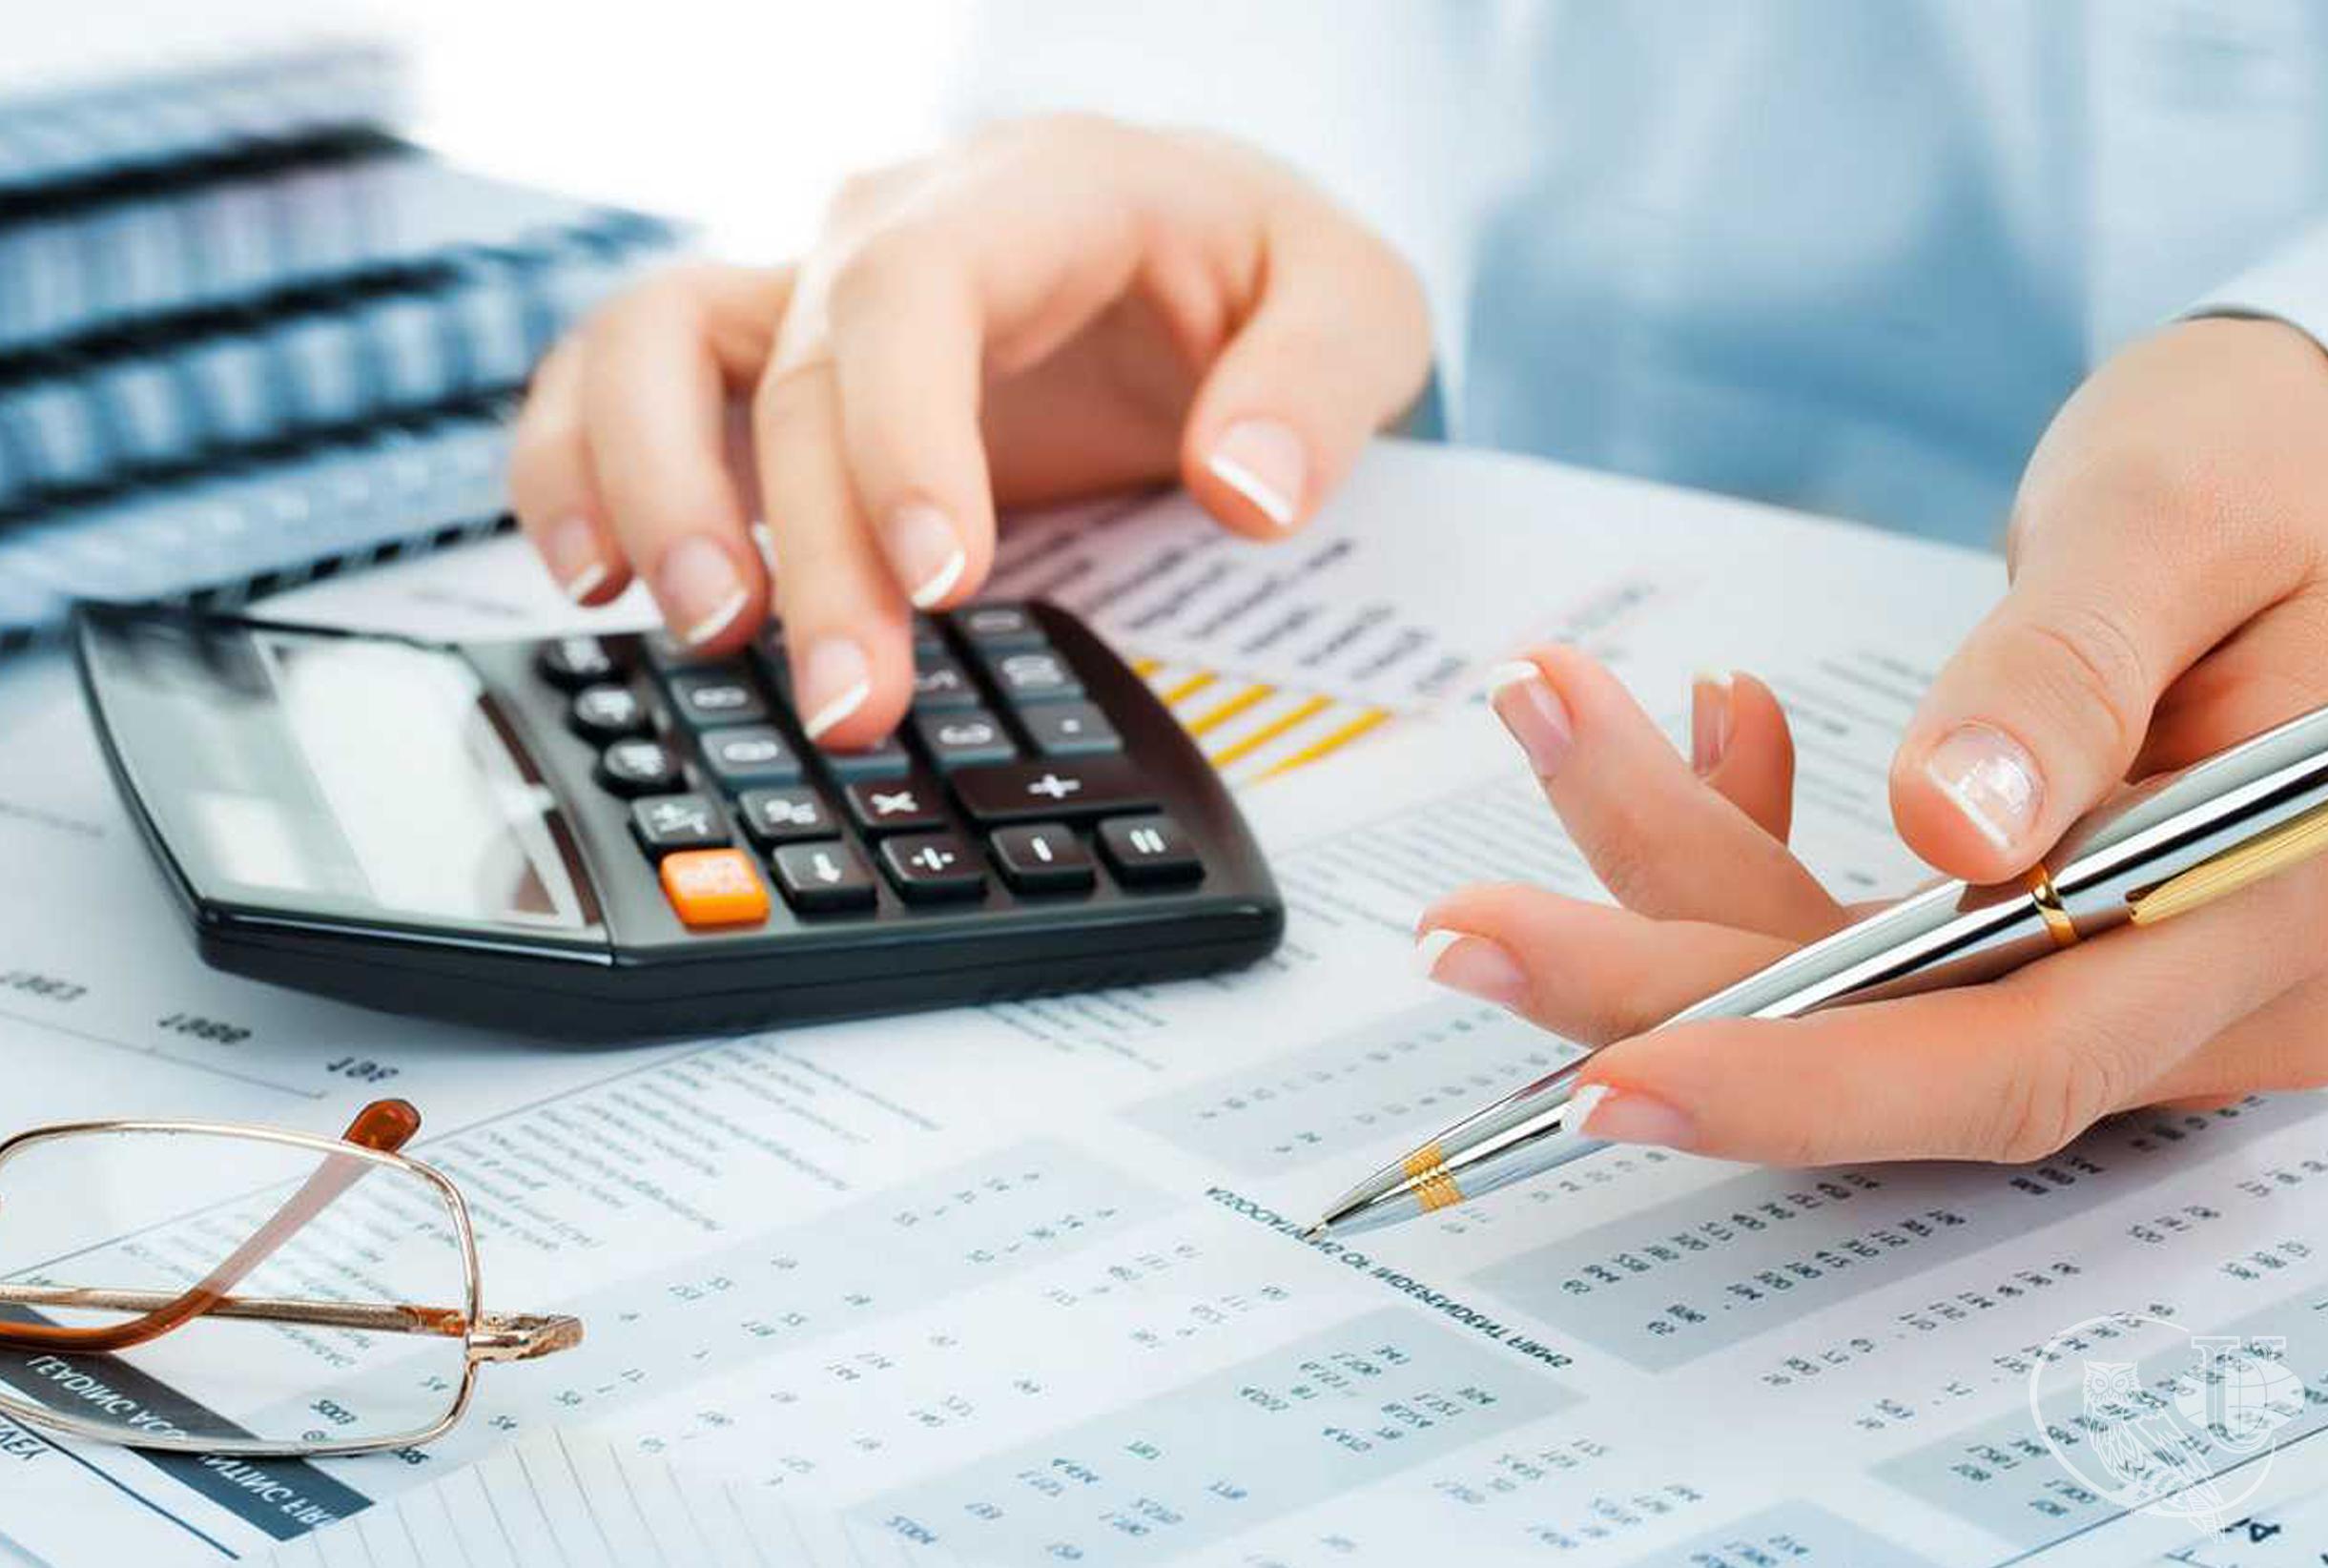 Бухгалтерская отчетность услуги бухгалтерские документы при реализации услуг